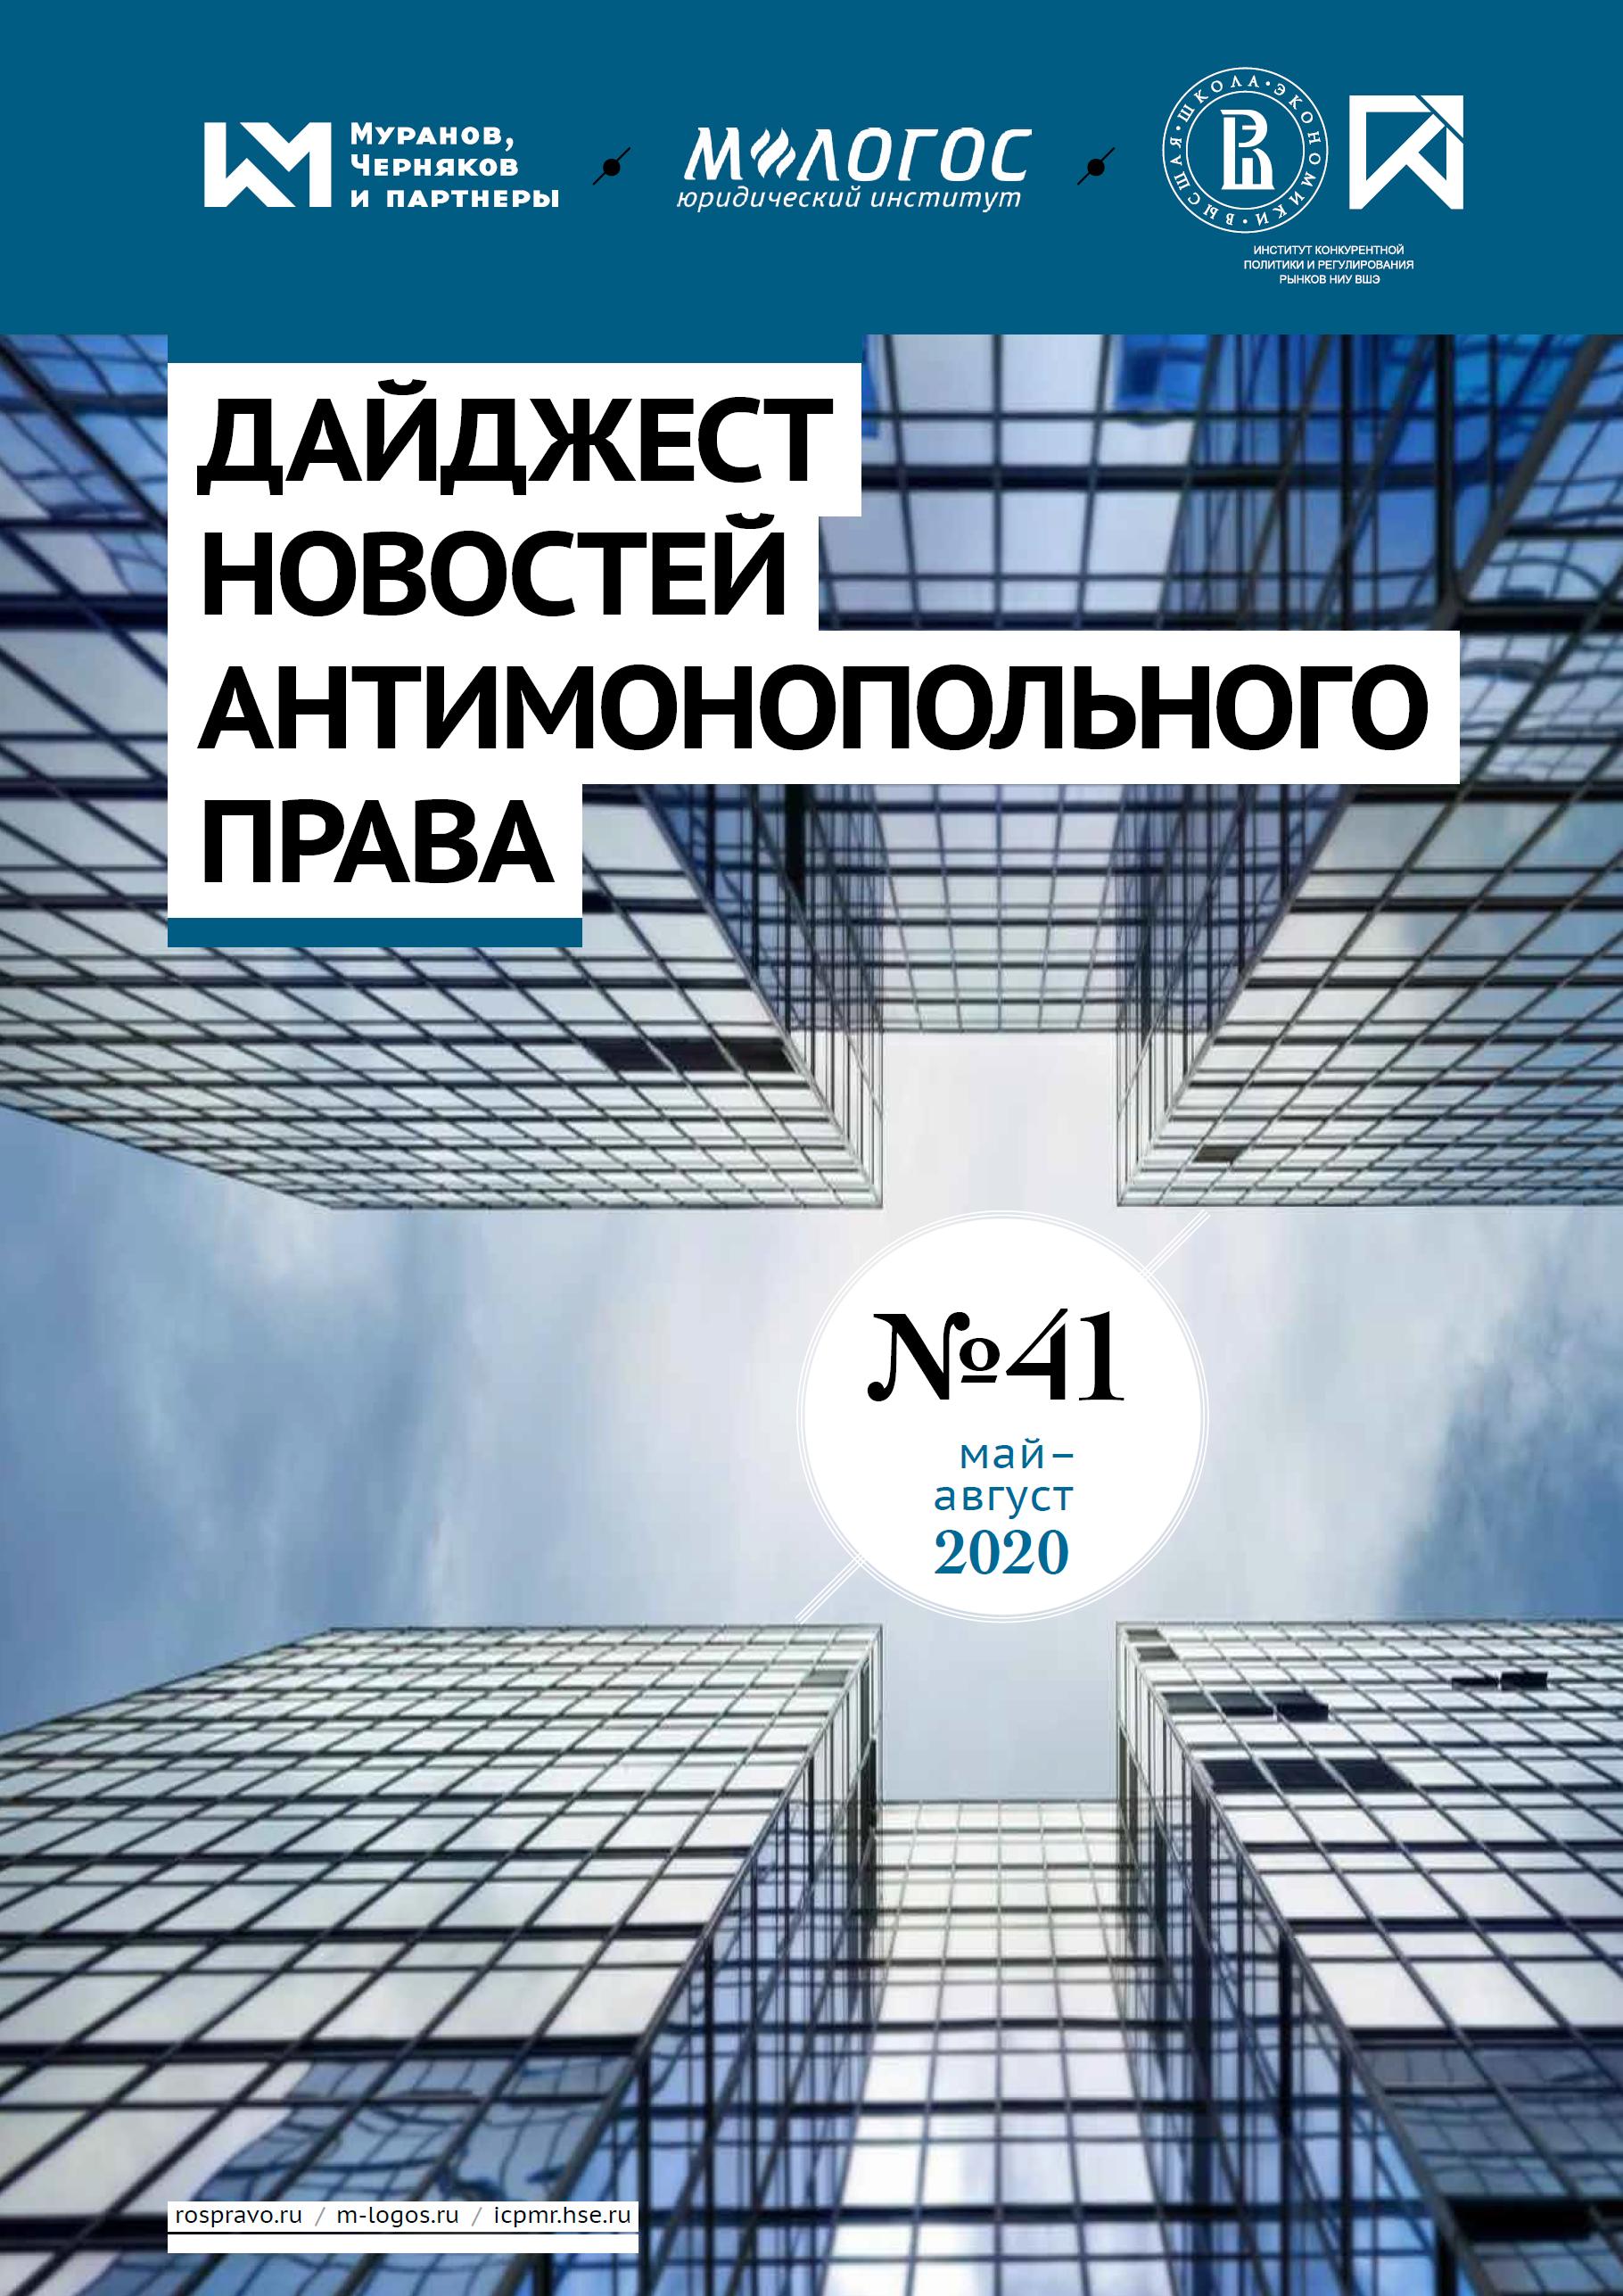 Дайджест новостей антимонопольного права за май-август 2020 года